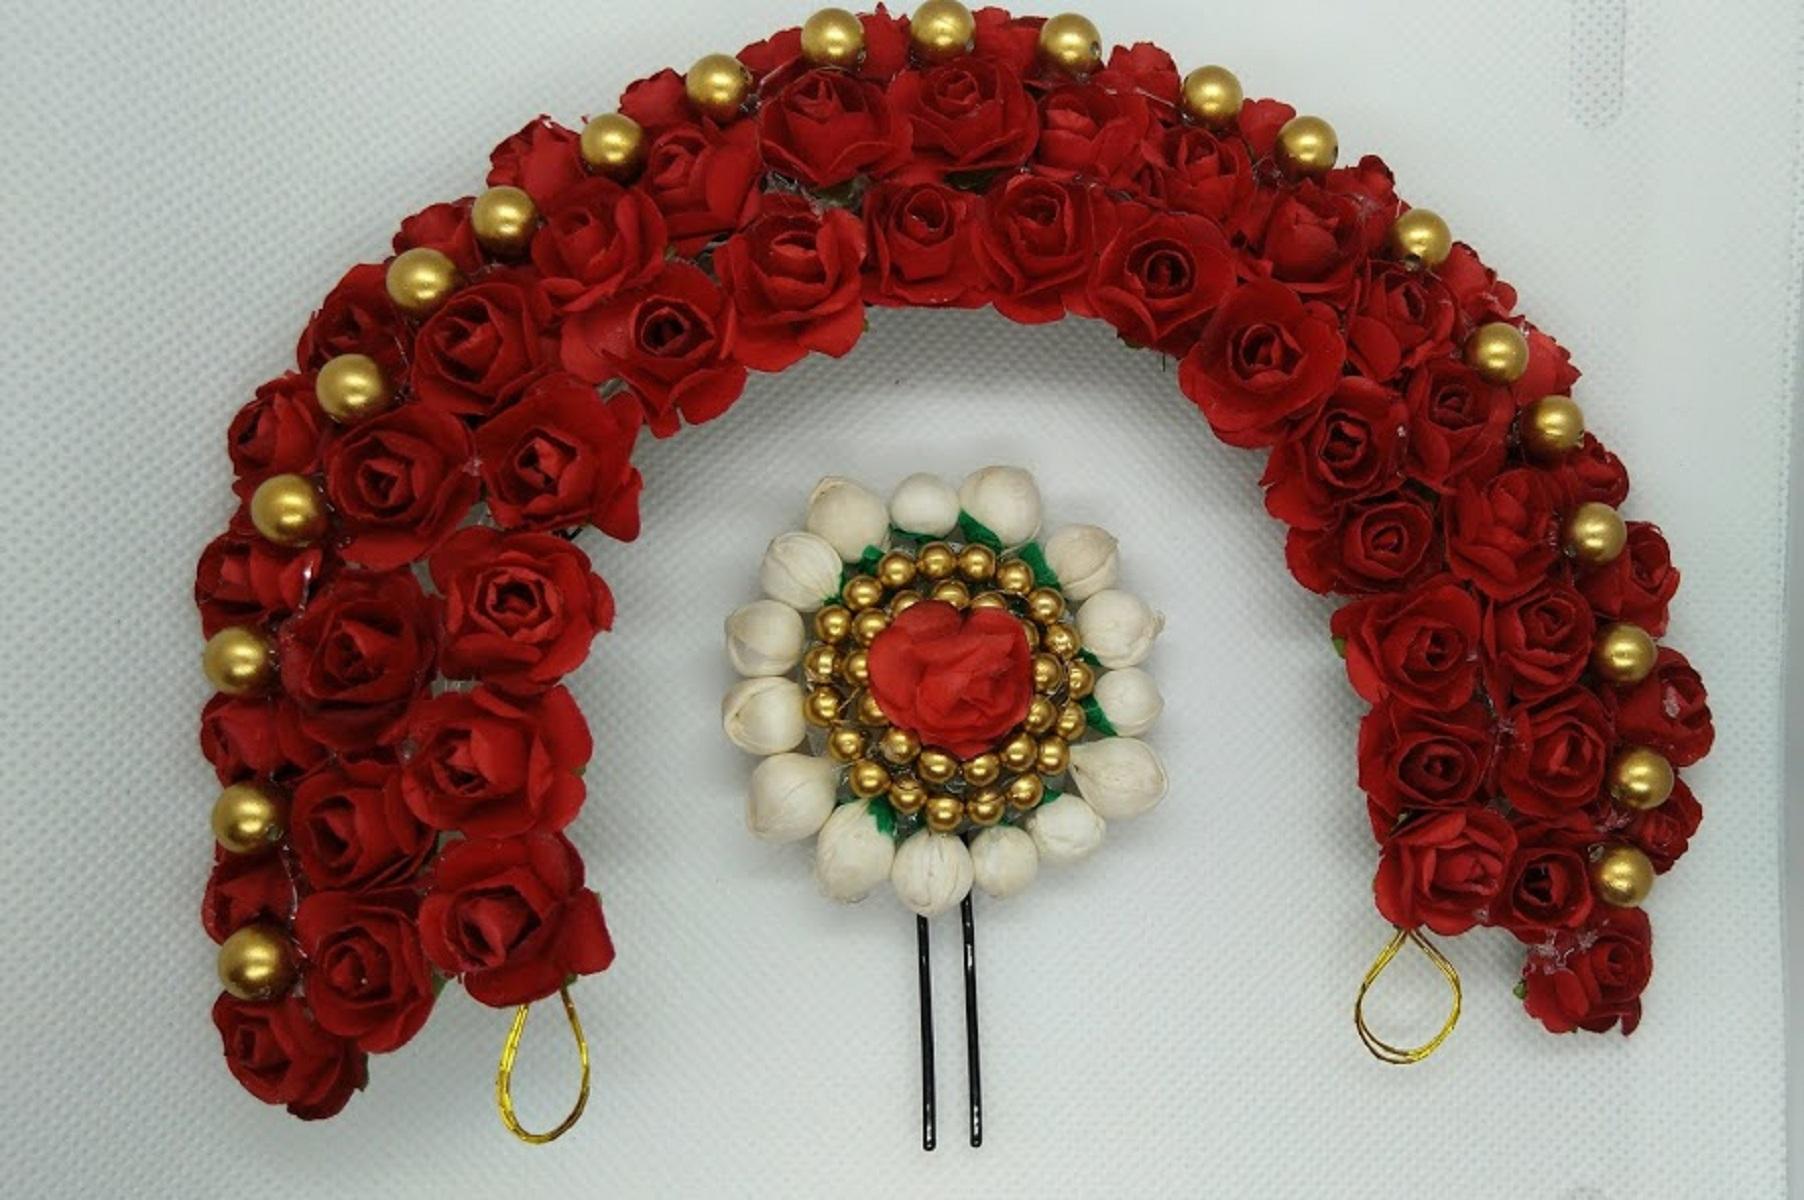 f2b92898a9a Hair Accessories - Bridal Hair Clips, Pins, Band for Girls & Women